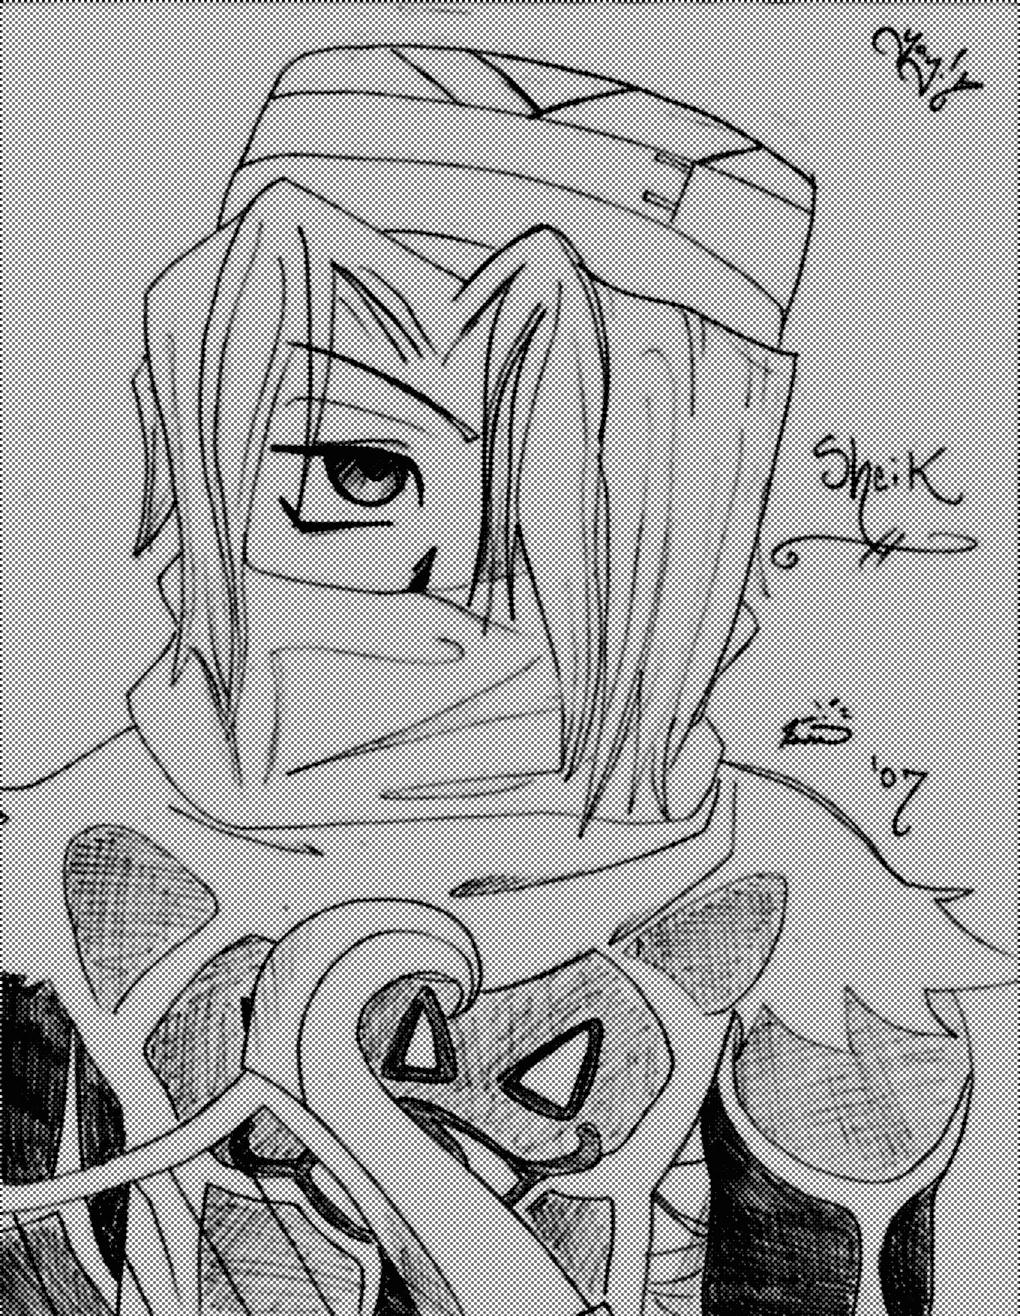 Tis a Sheik Sketchie!! by supergirlcomix